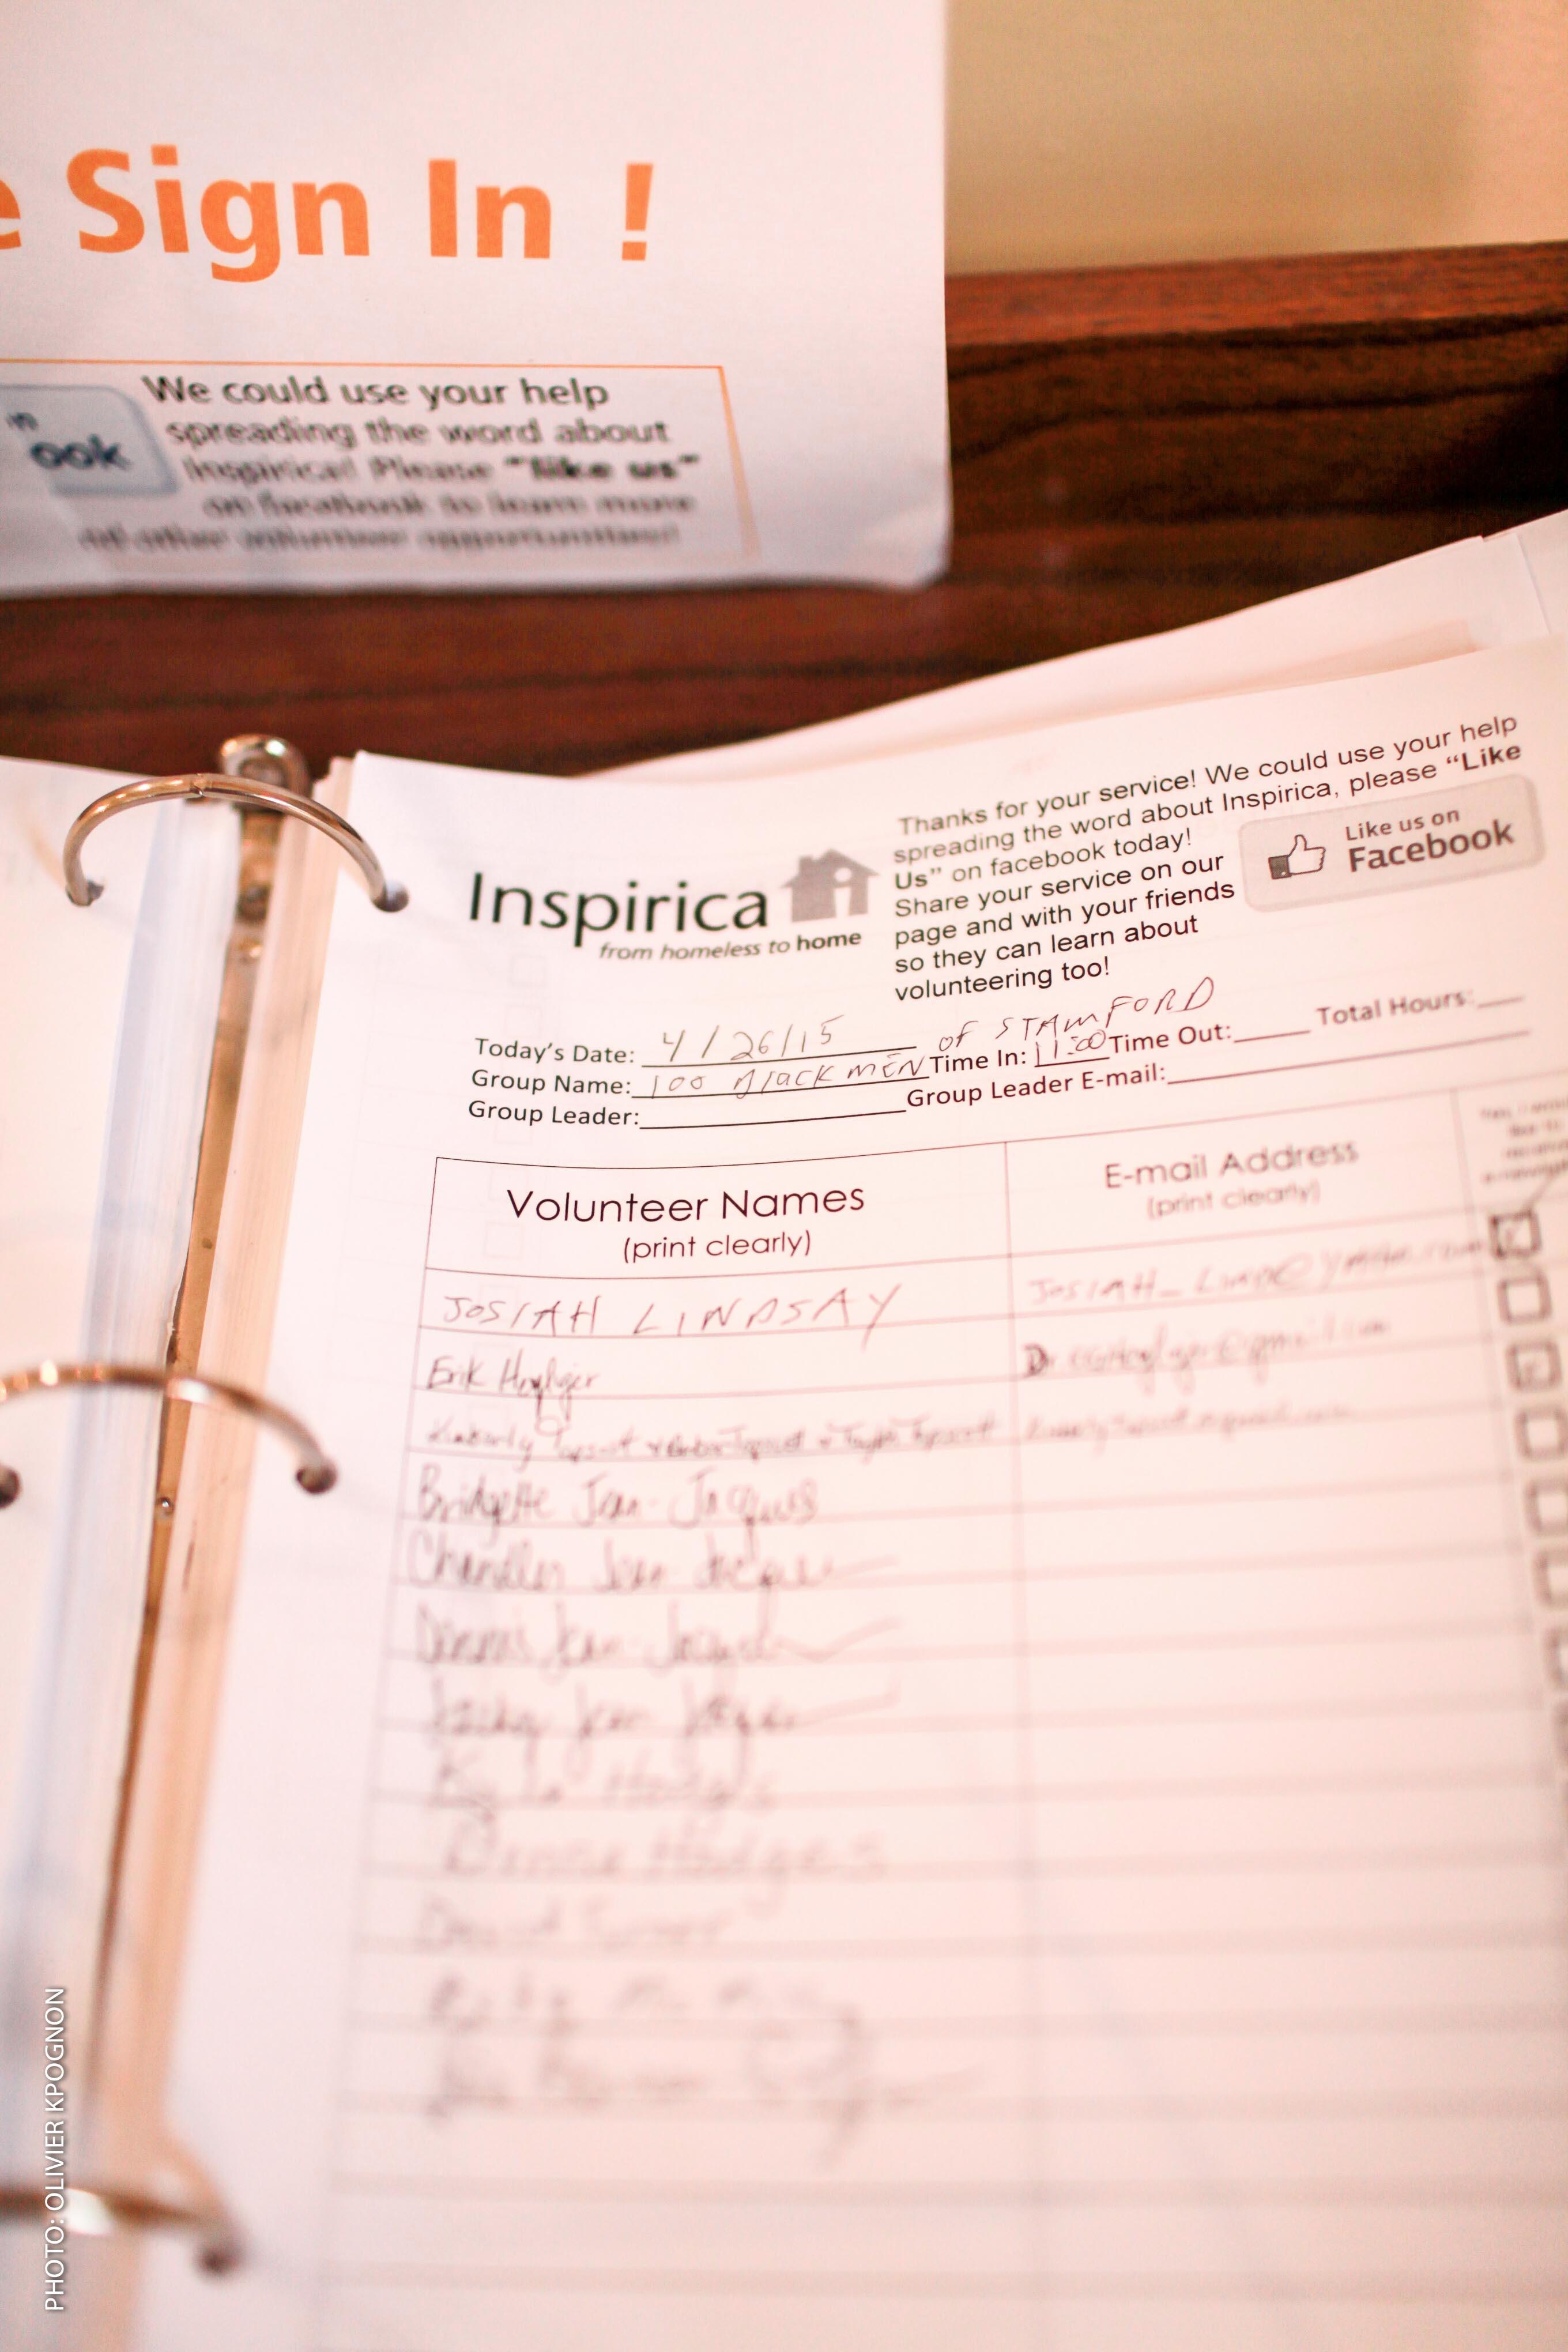 100 BMOS Inspirica-15